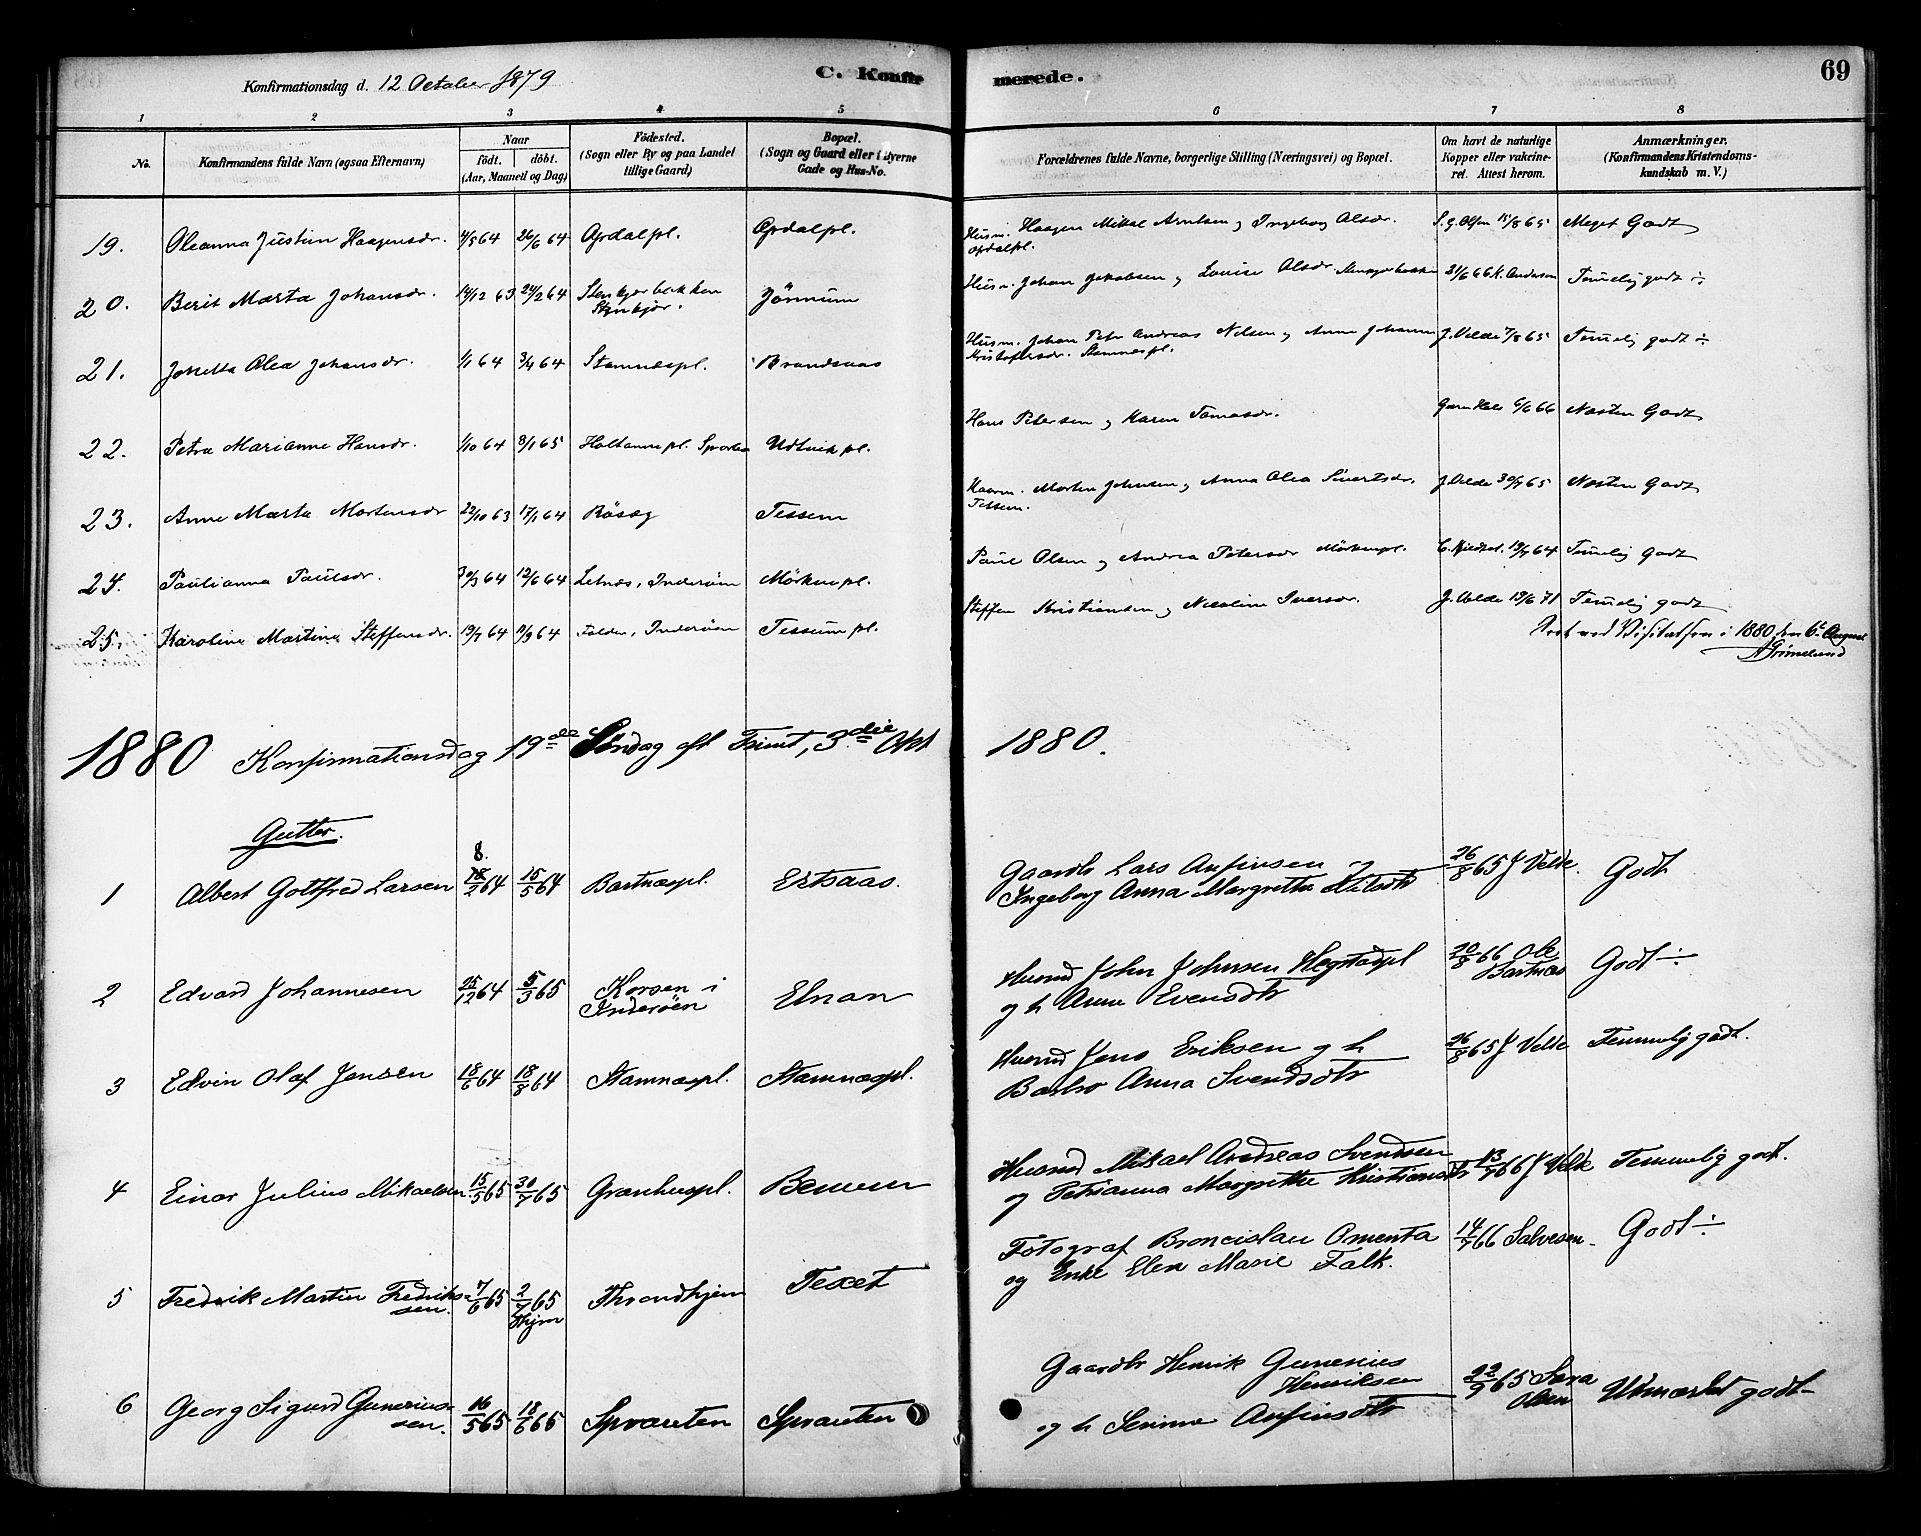 SAT, Ministerialprotokoller, klokkerbøker og fødselsregistre - Nord-Trøndelag, 741/L0395: Ministerialbok nr. 741A09, 1878-1888, s. 69